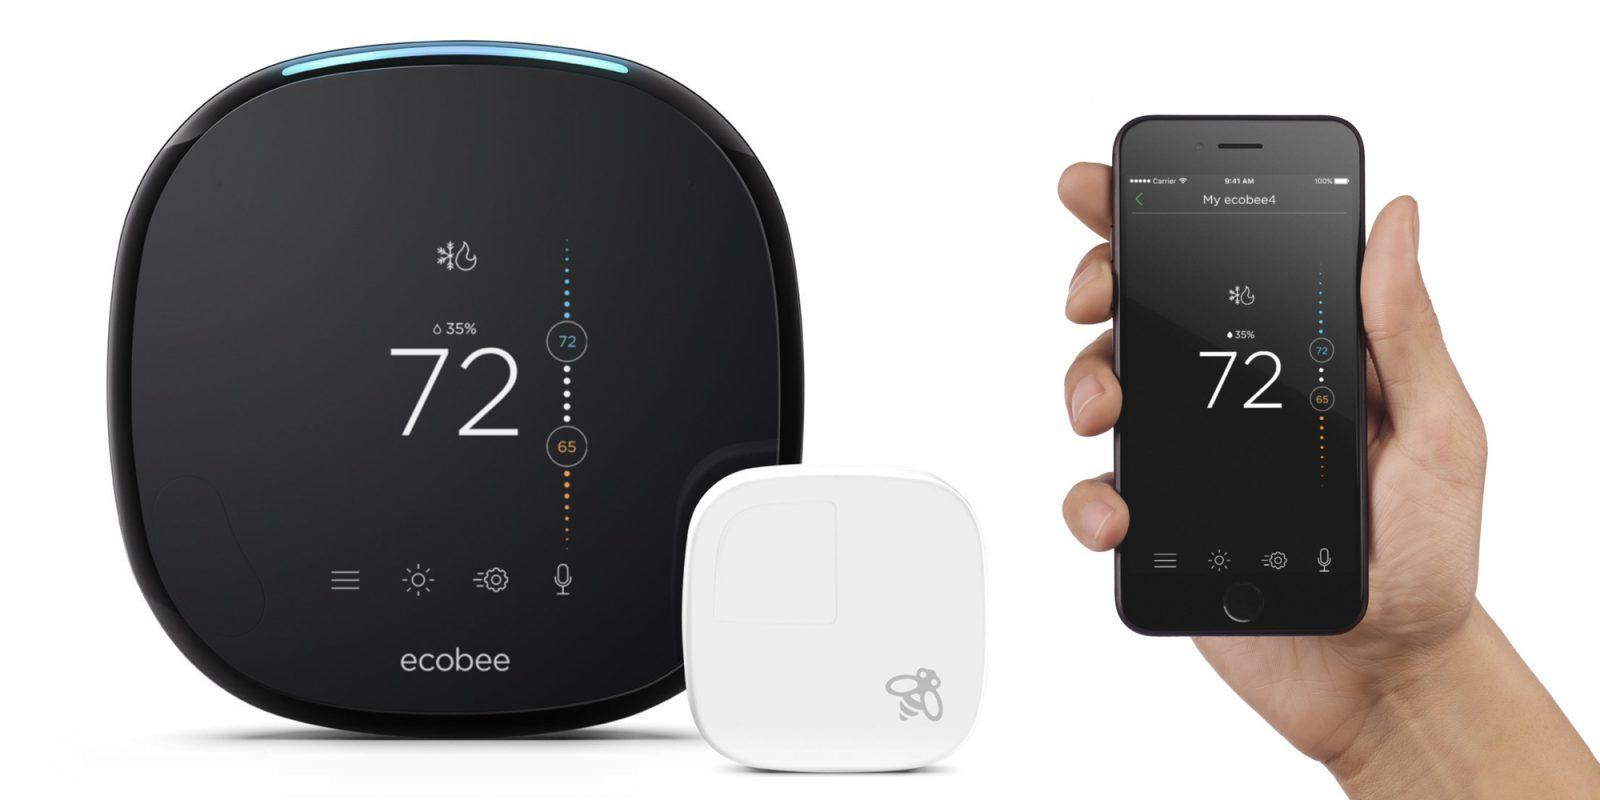 ecobeee-4-smart-thermostat